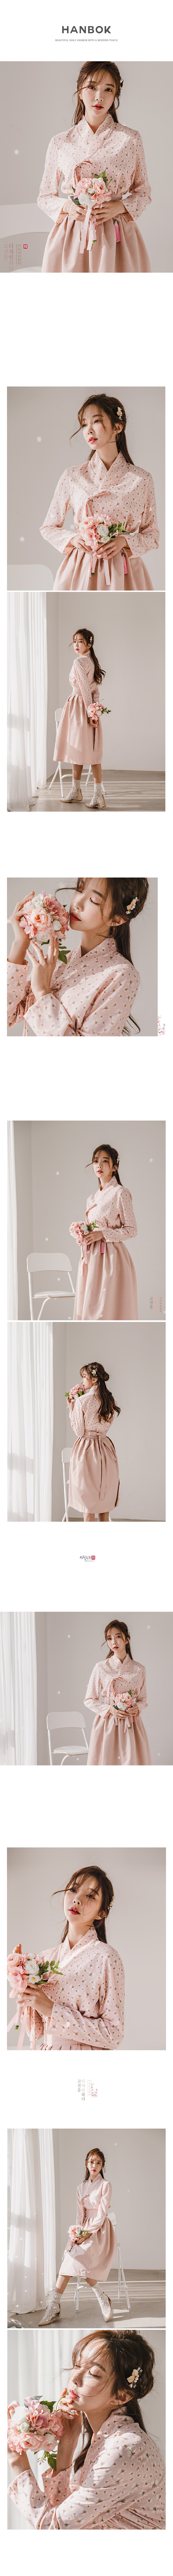 생활한복세트 목화분+인화 핑크70,900원-츄샵패션의류, 생활한복, 생활한복, 여성한복바보사랑생활한복세트 목화분+인화 핑크70,900원-츄샵패션의류, 생활한복, 생활한복, 여성한복바보사랑